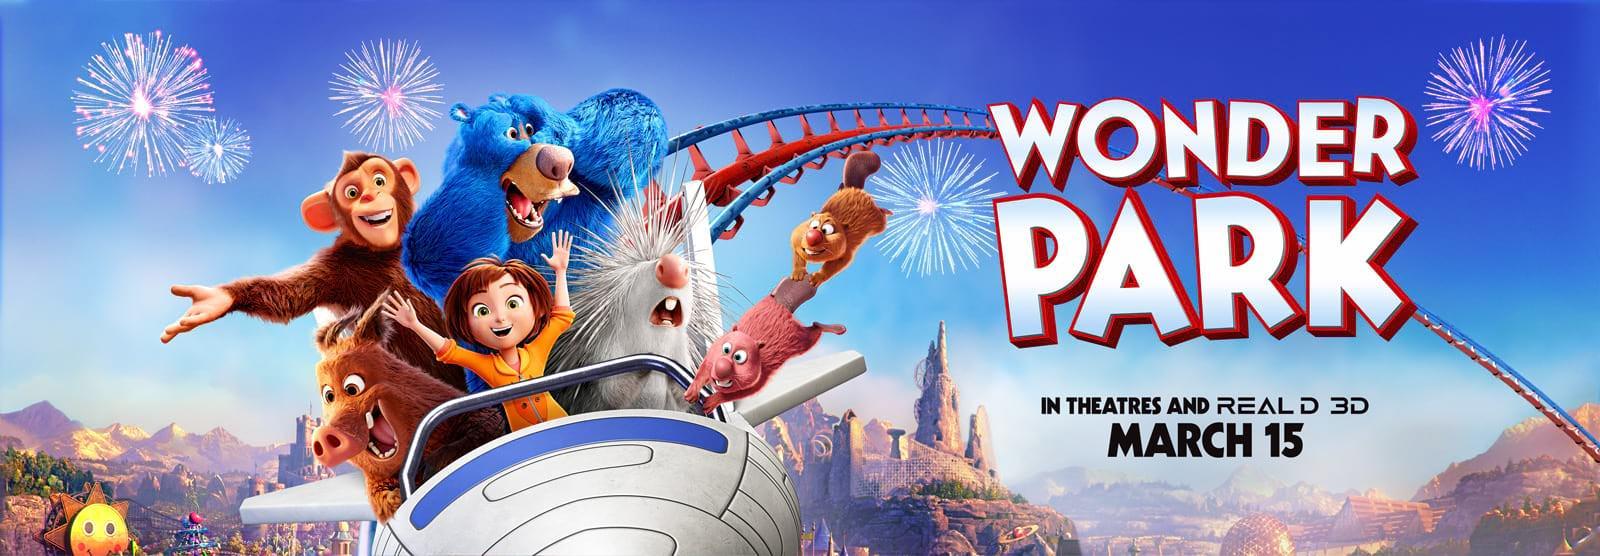 Movie, Wonder Park(美國, 2019年) / 奇幻遊樂園(台灣) / 神奇乐园历险记(中國) / 神奇夢樂園(香港), 電影海報, 美國, 橫版